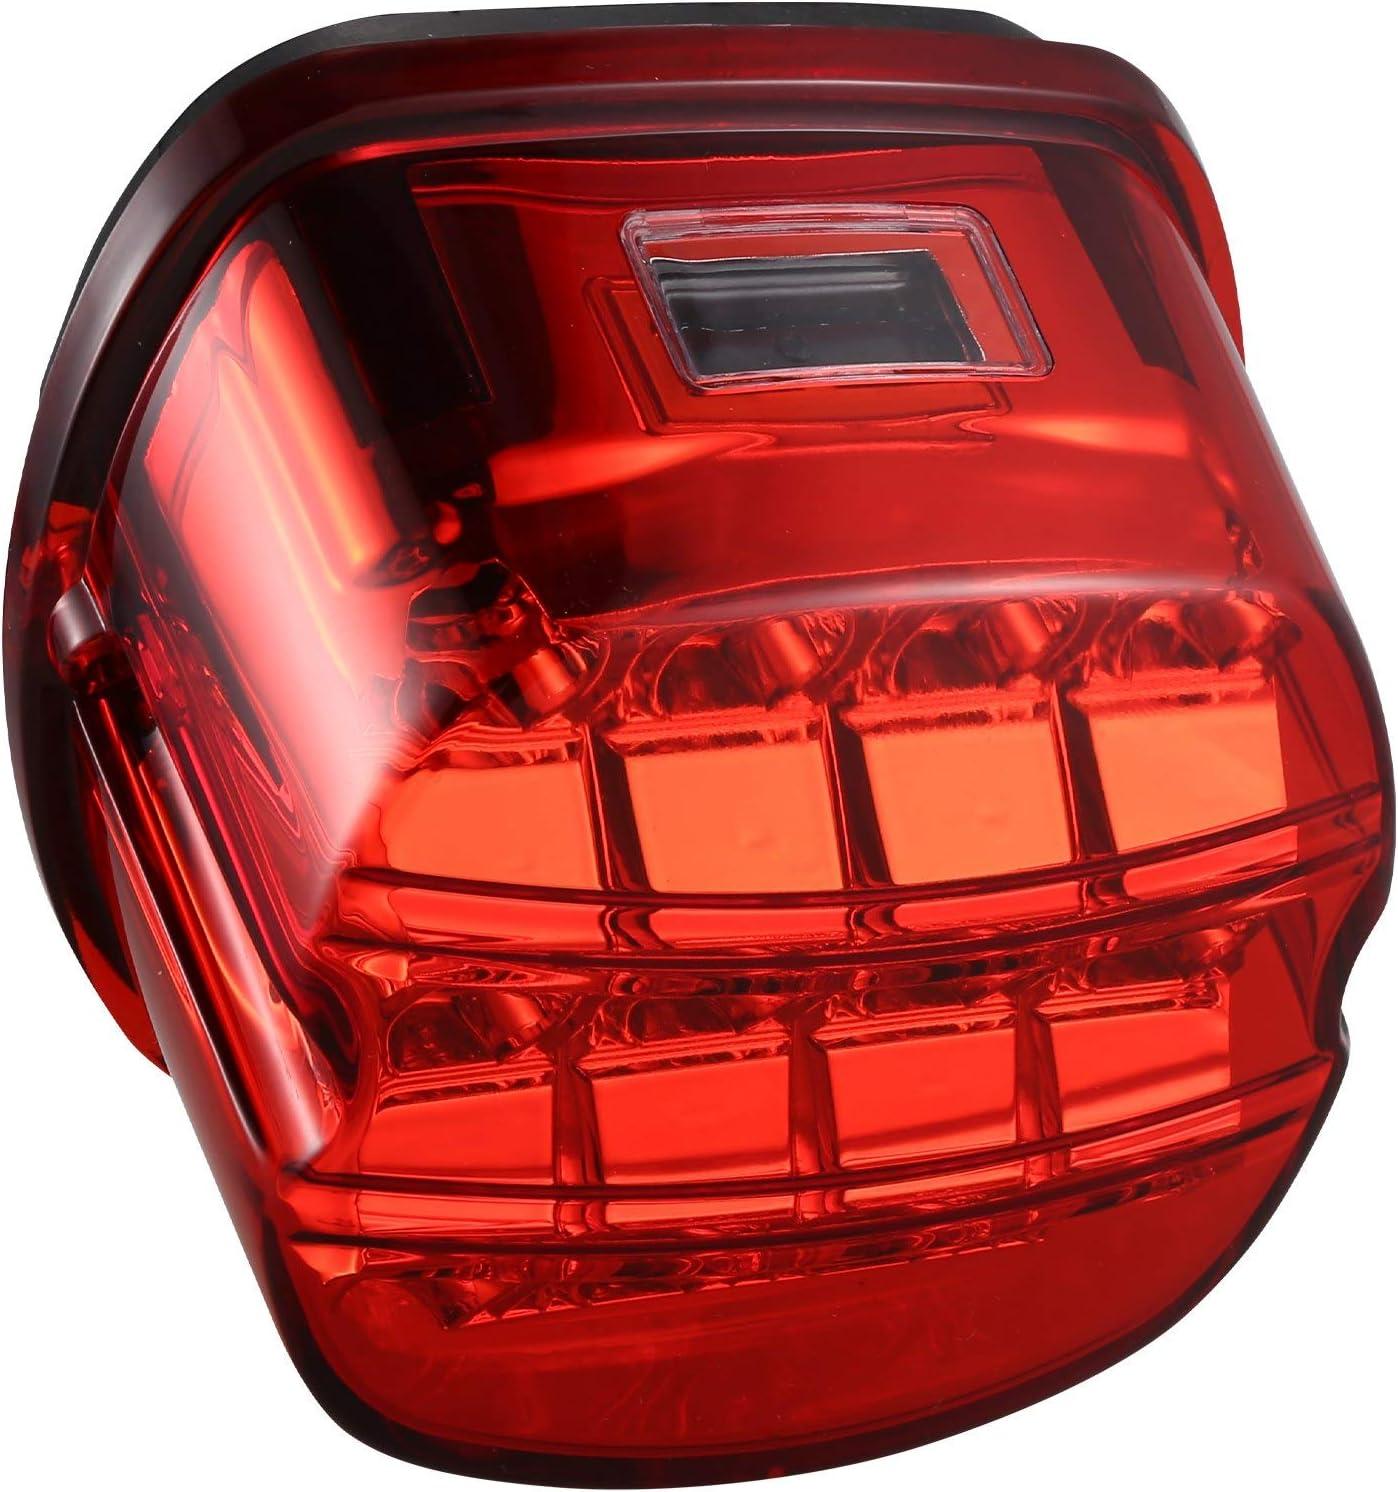 Vaorwne Lampe Arri/èRe de Moto /à LED pour Feu Arri/èRe de Plaque DImmatriculation 12V pour Accessoires de Moto Glissement Large Low Rider FatBob Noir